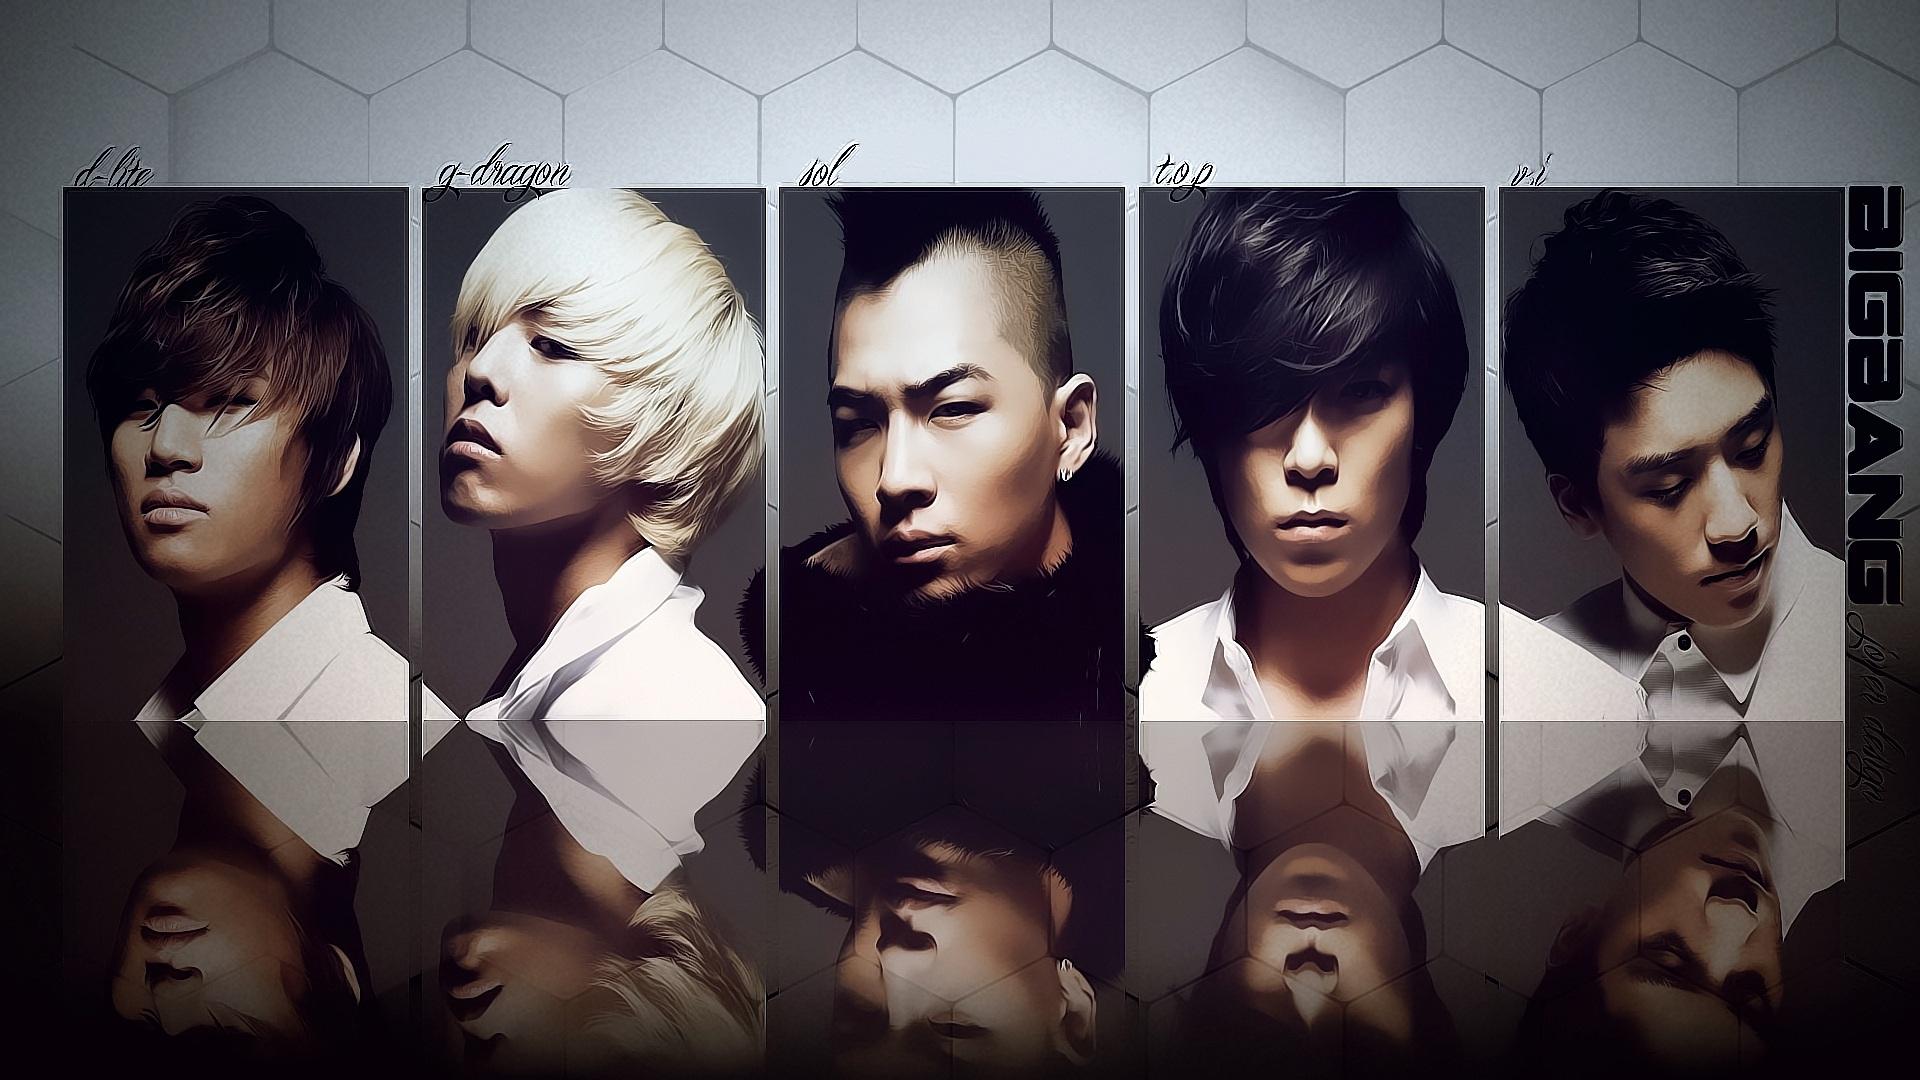 big bang kpop wallpaper 2013 - photo #23